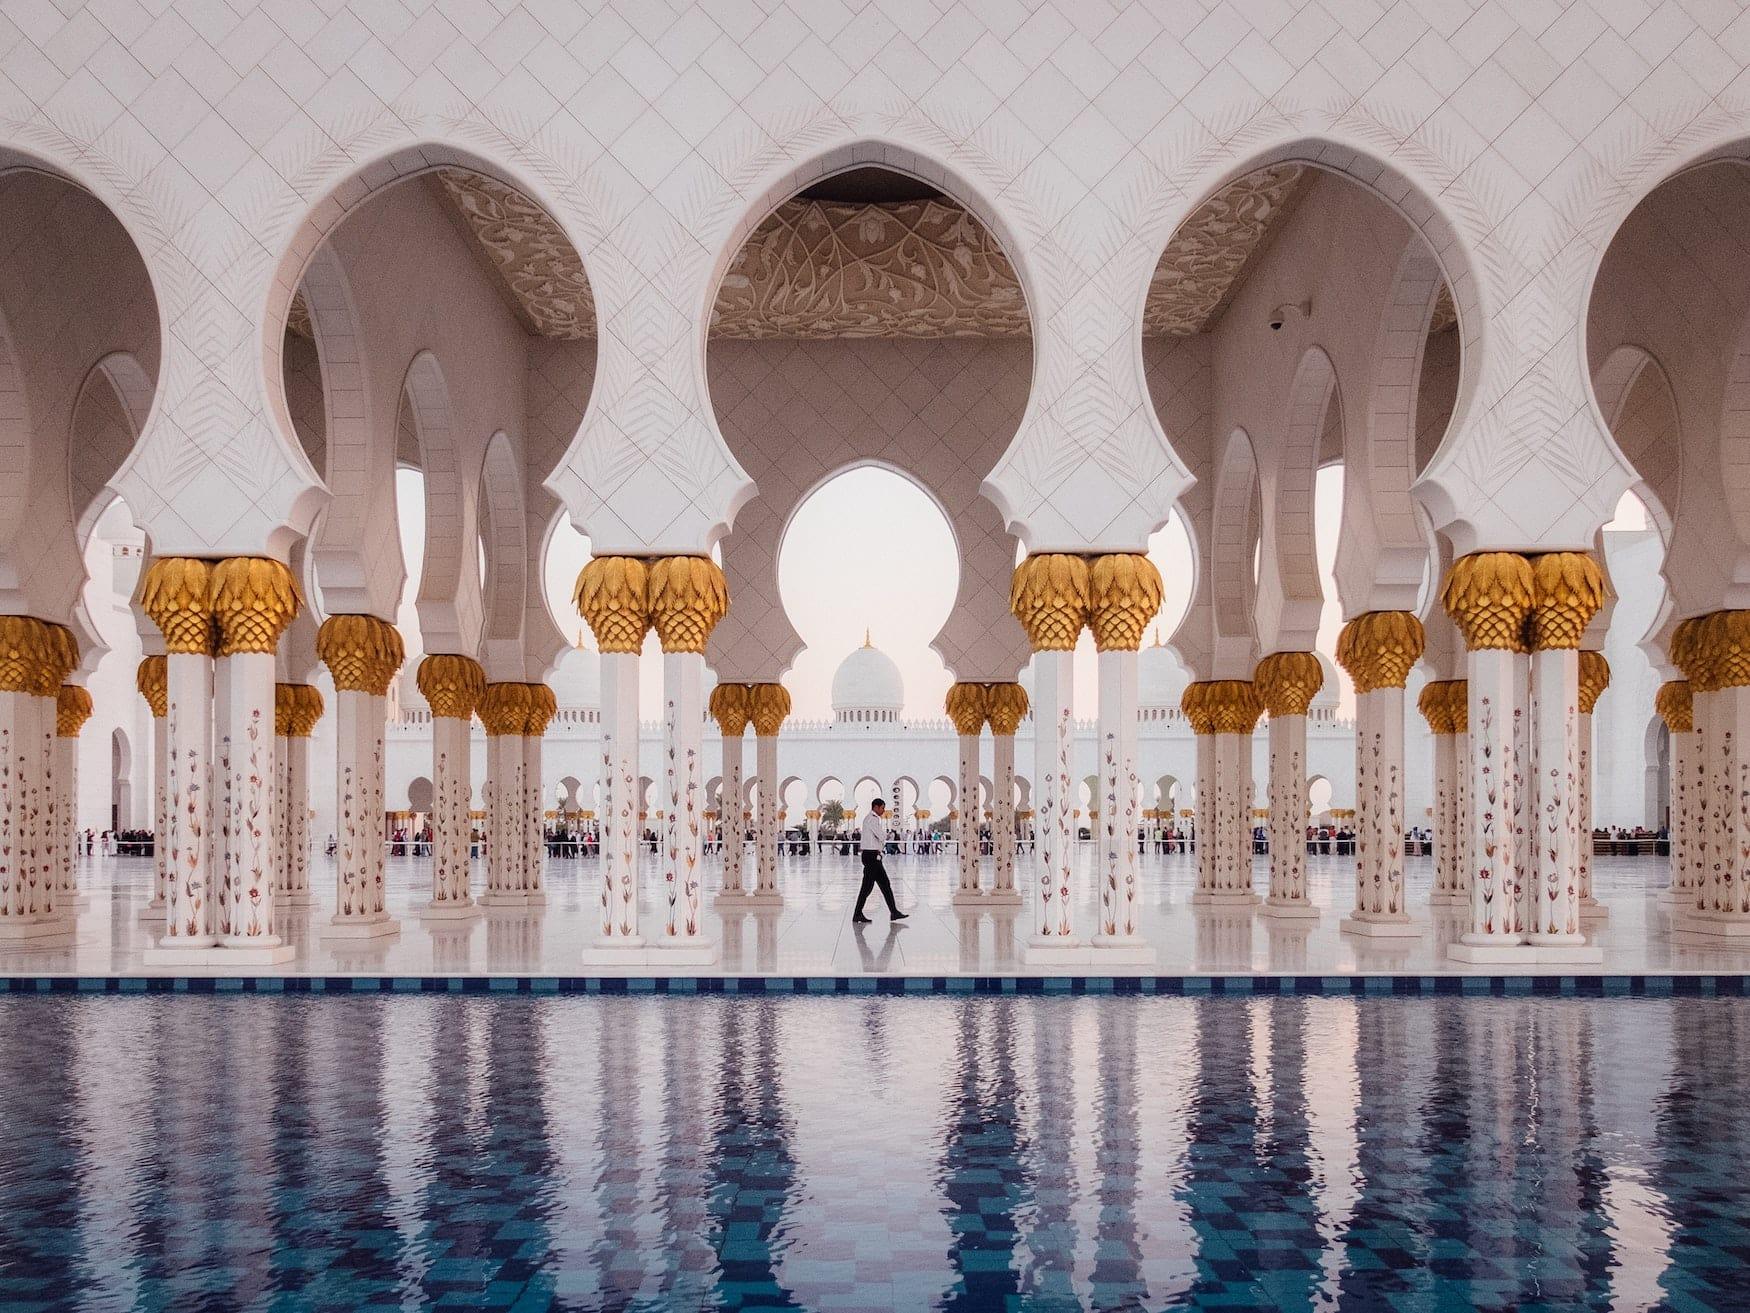 Mann spaziert durch glamouröse Moschee in Abu Dhabi